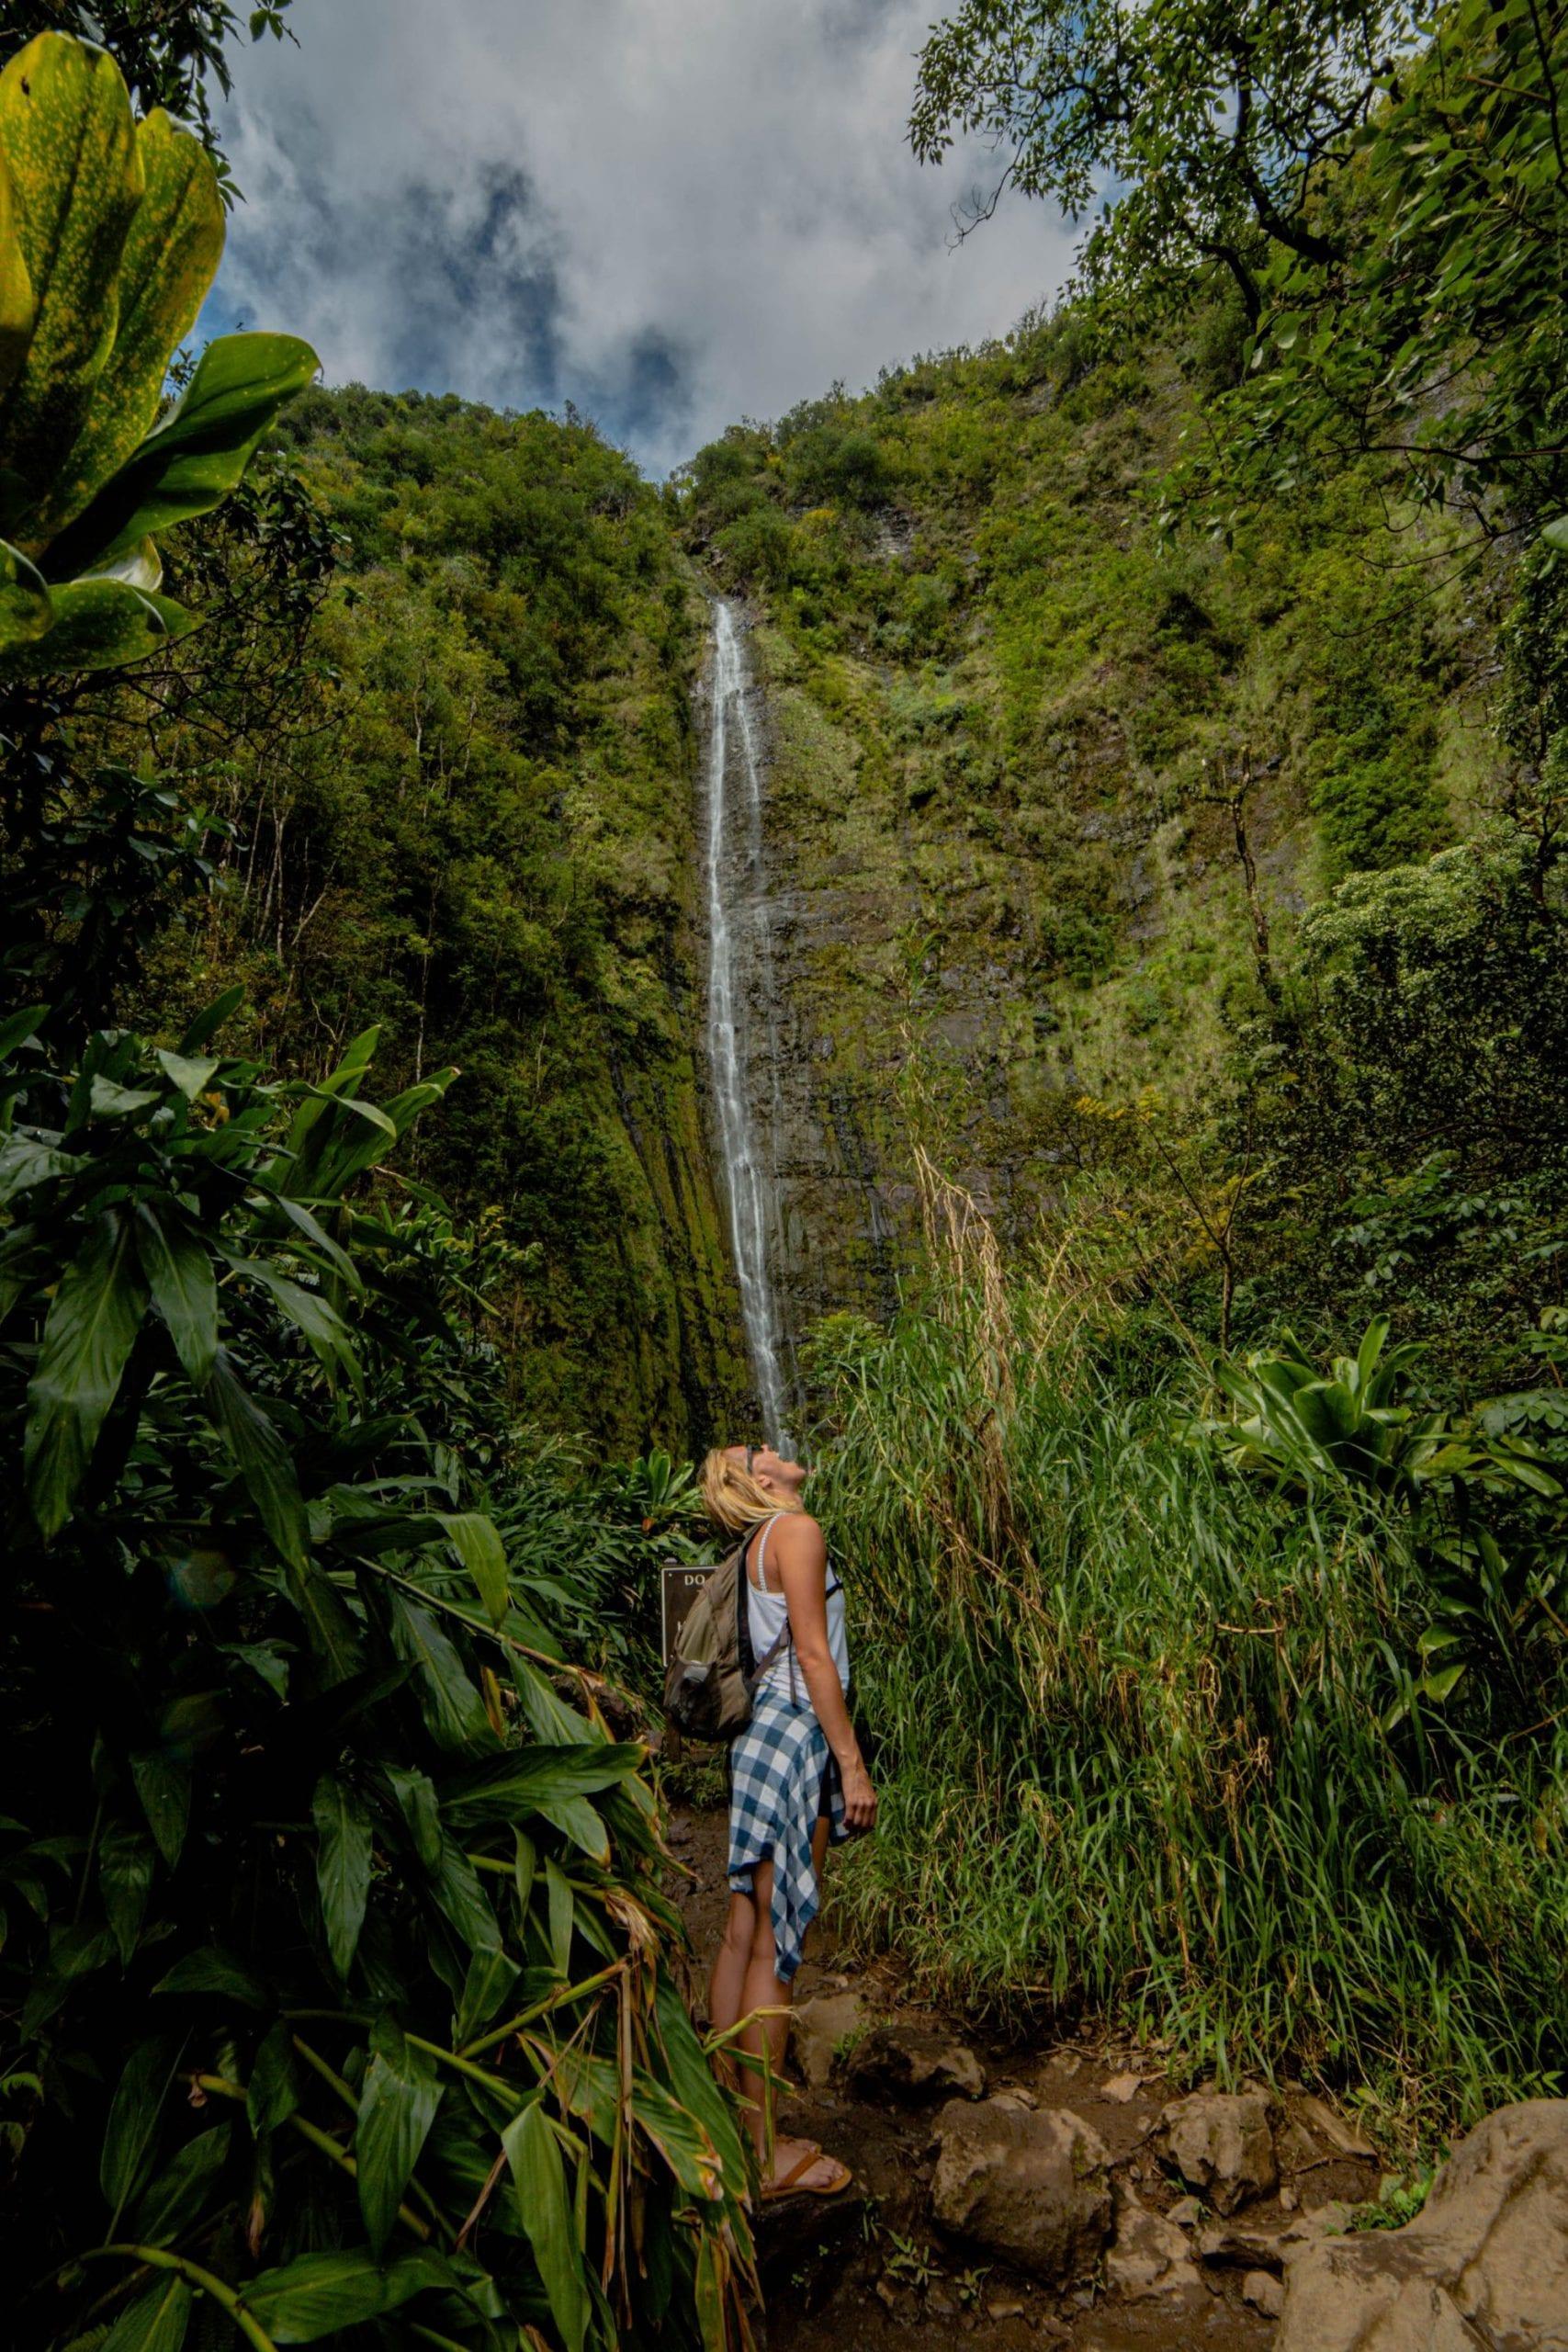 Pipiwai Trail in Hana HI